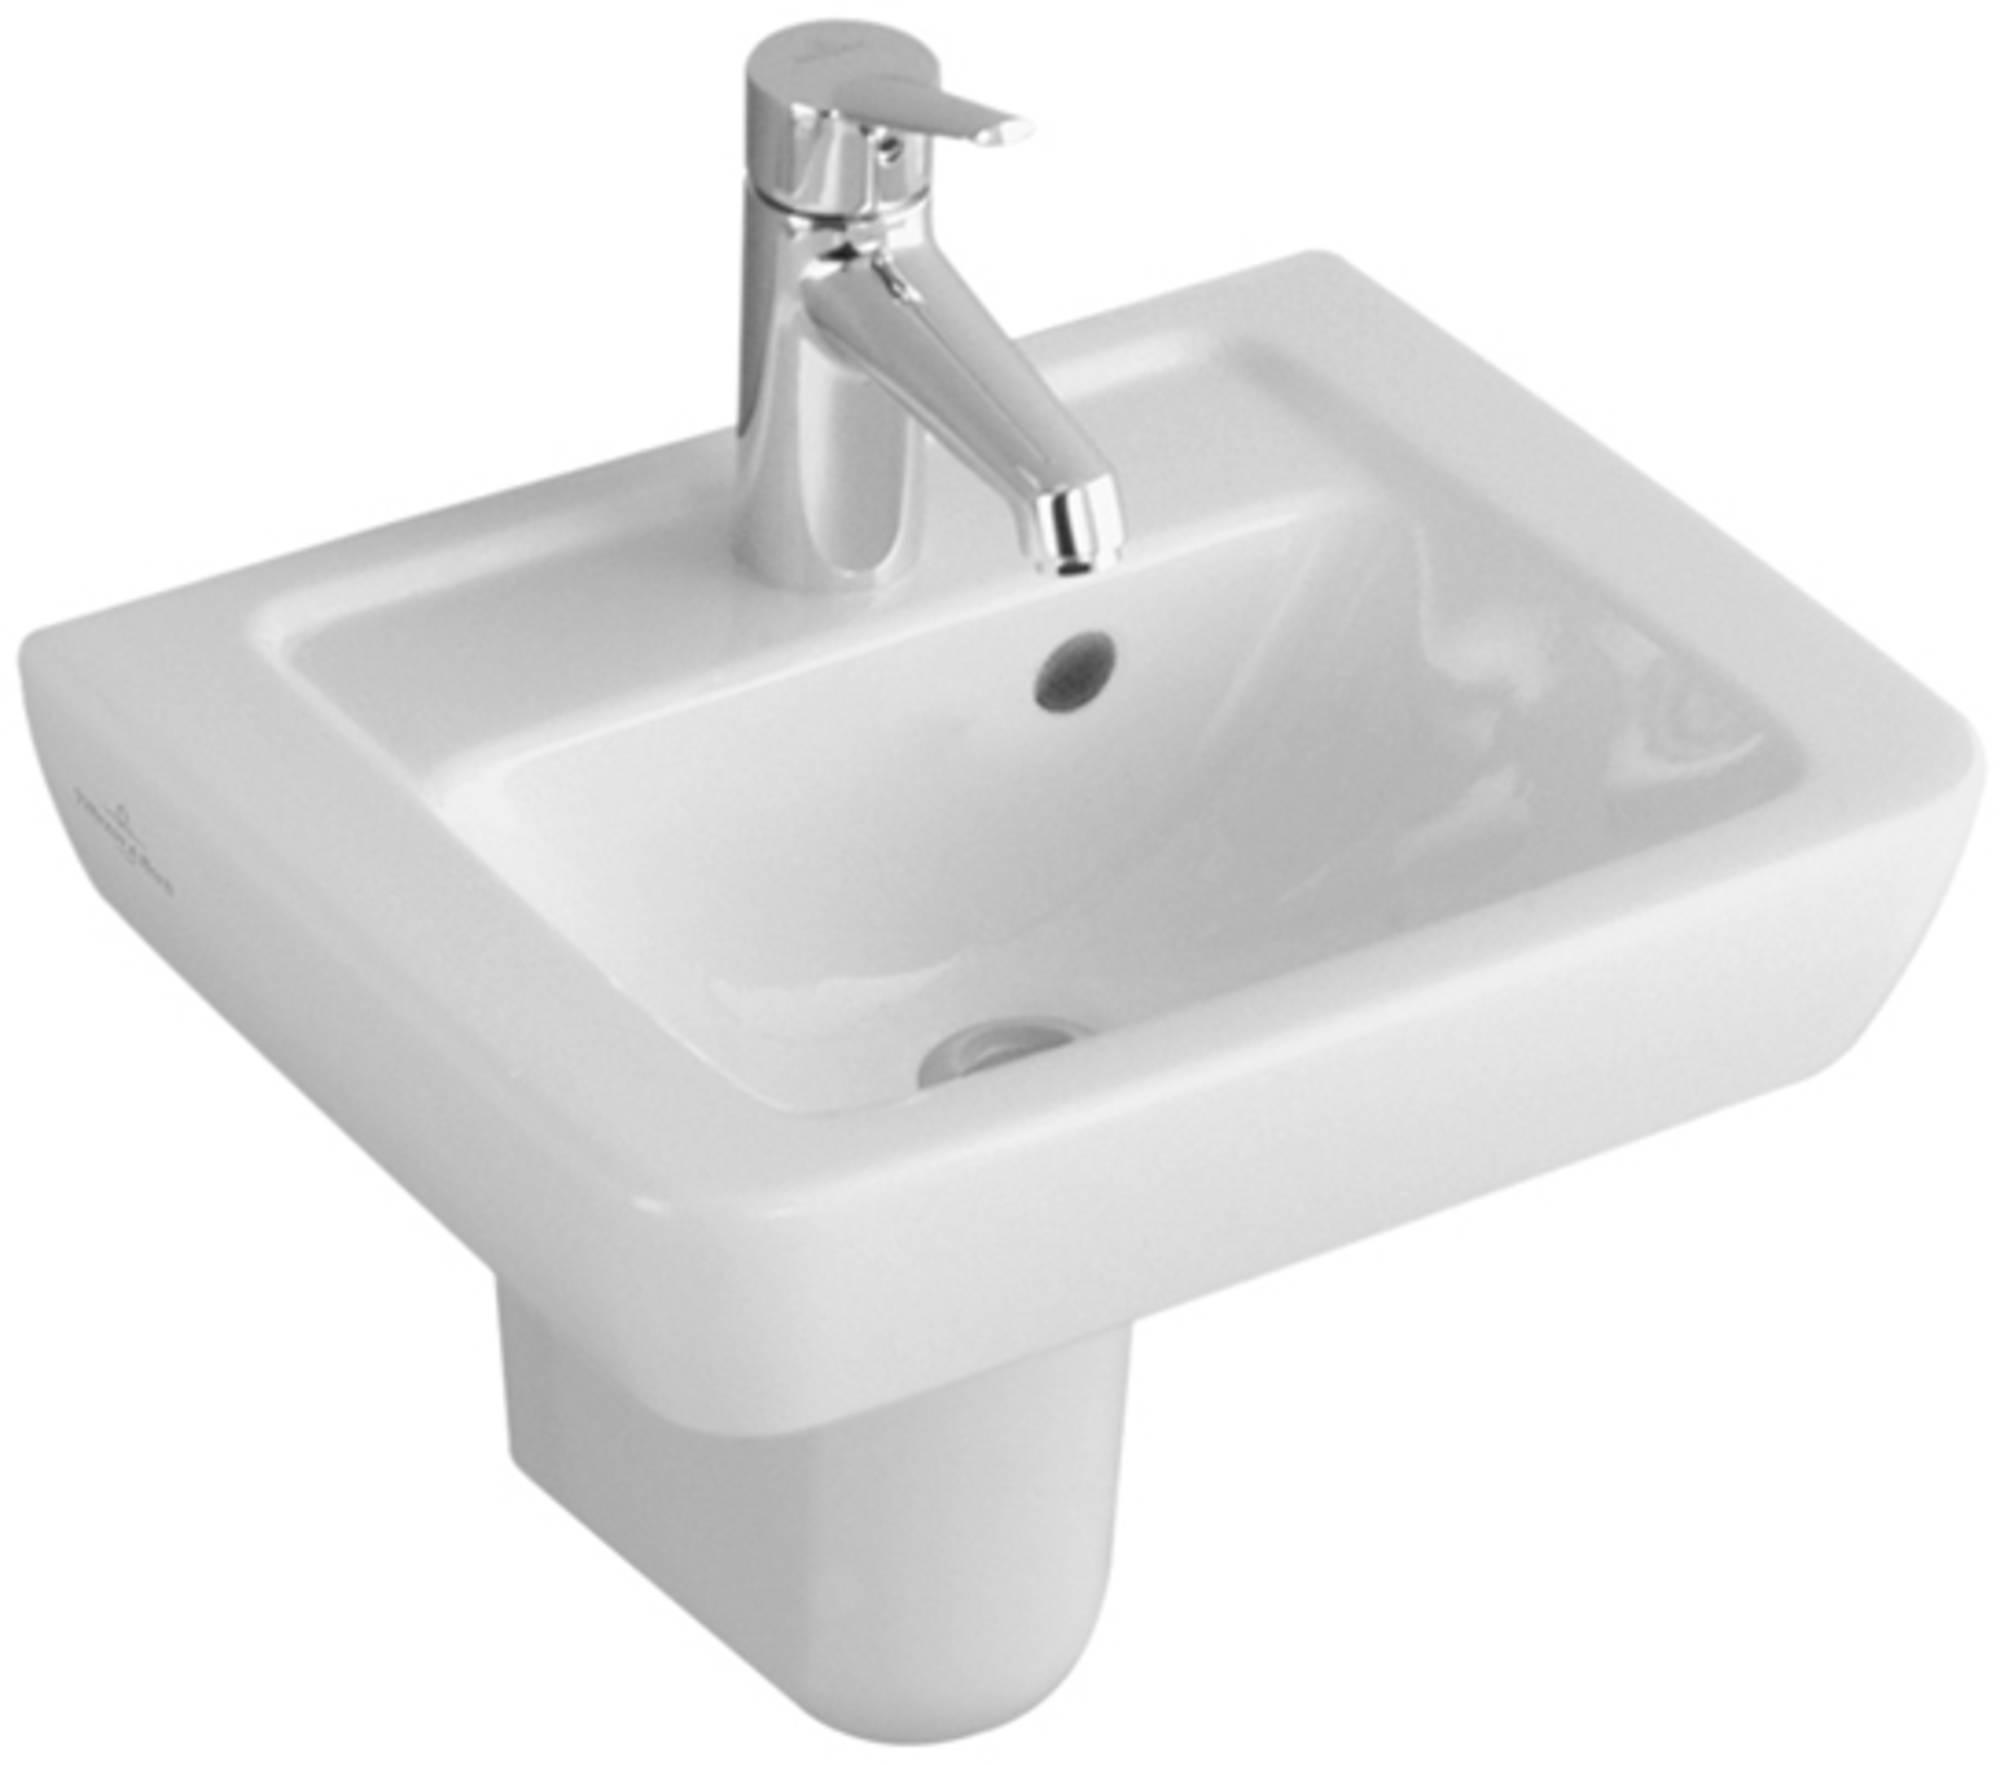 VILLEROY & BOCH SUBWAY 2.0 sifonkap voor fontein+wastafel compact ceramicplus PERGAMON (724400R3)